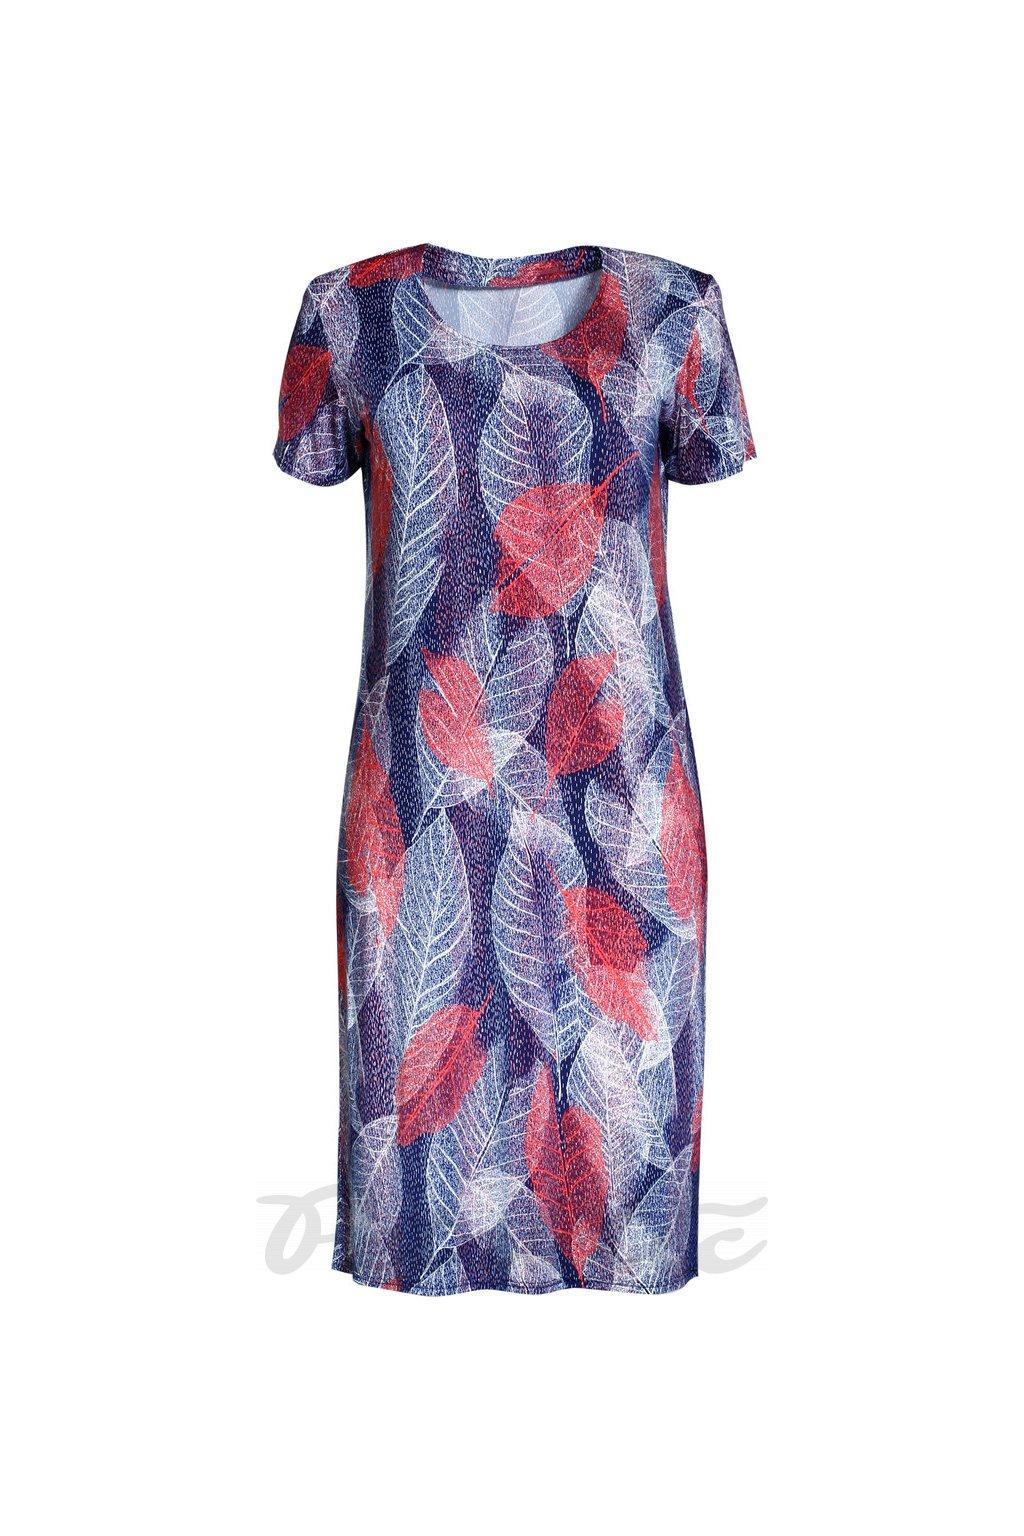 sisi rovné šaty petrklic 1